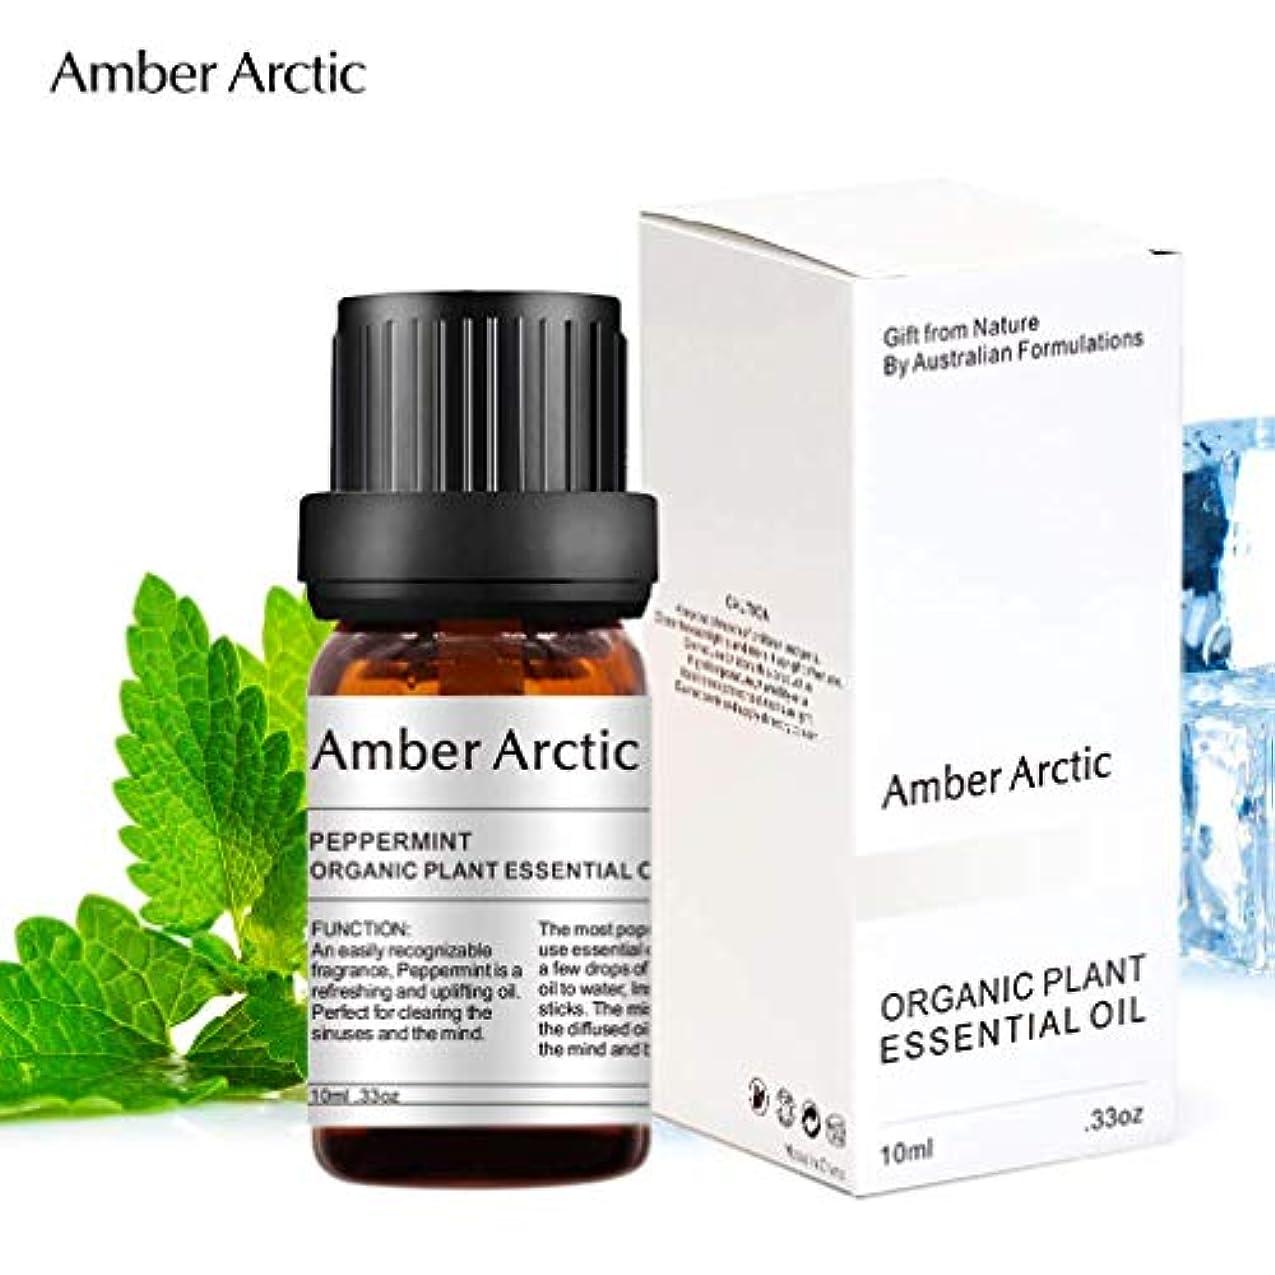 Amber Arctic ペパーミント エッセンシャル オイル、100% ピュア 天然 アロマ テラピーペパーミント オイル スプレッド 用 (10ML) ペパーミント